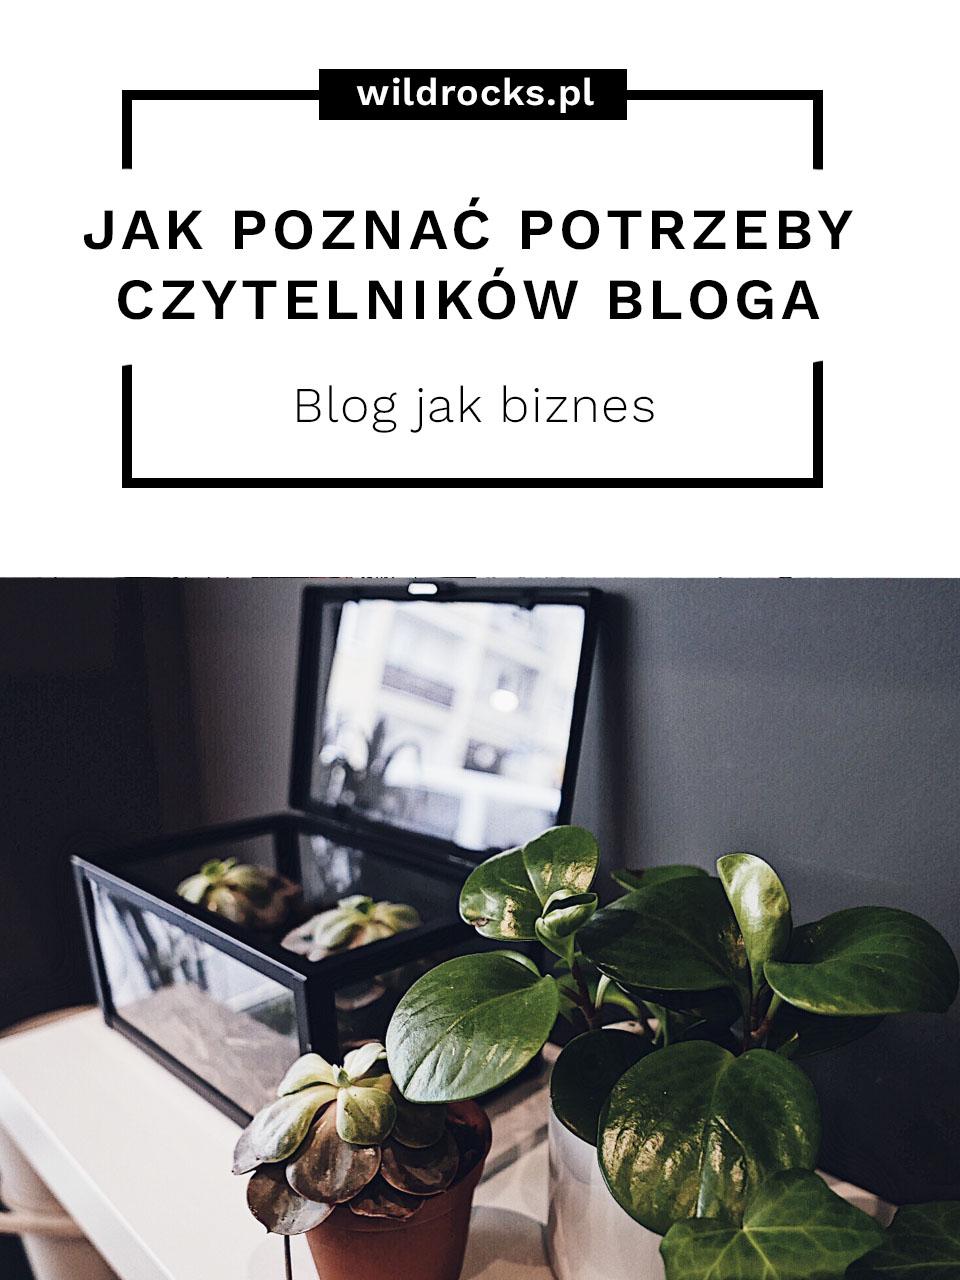 ak poznac potrzeby czytelnikow bloga